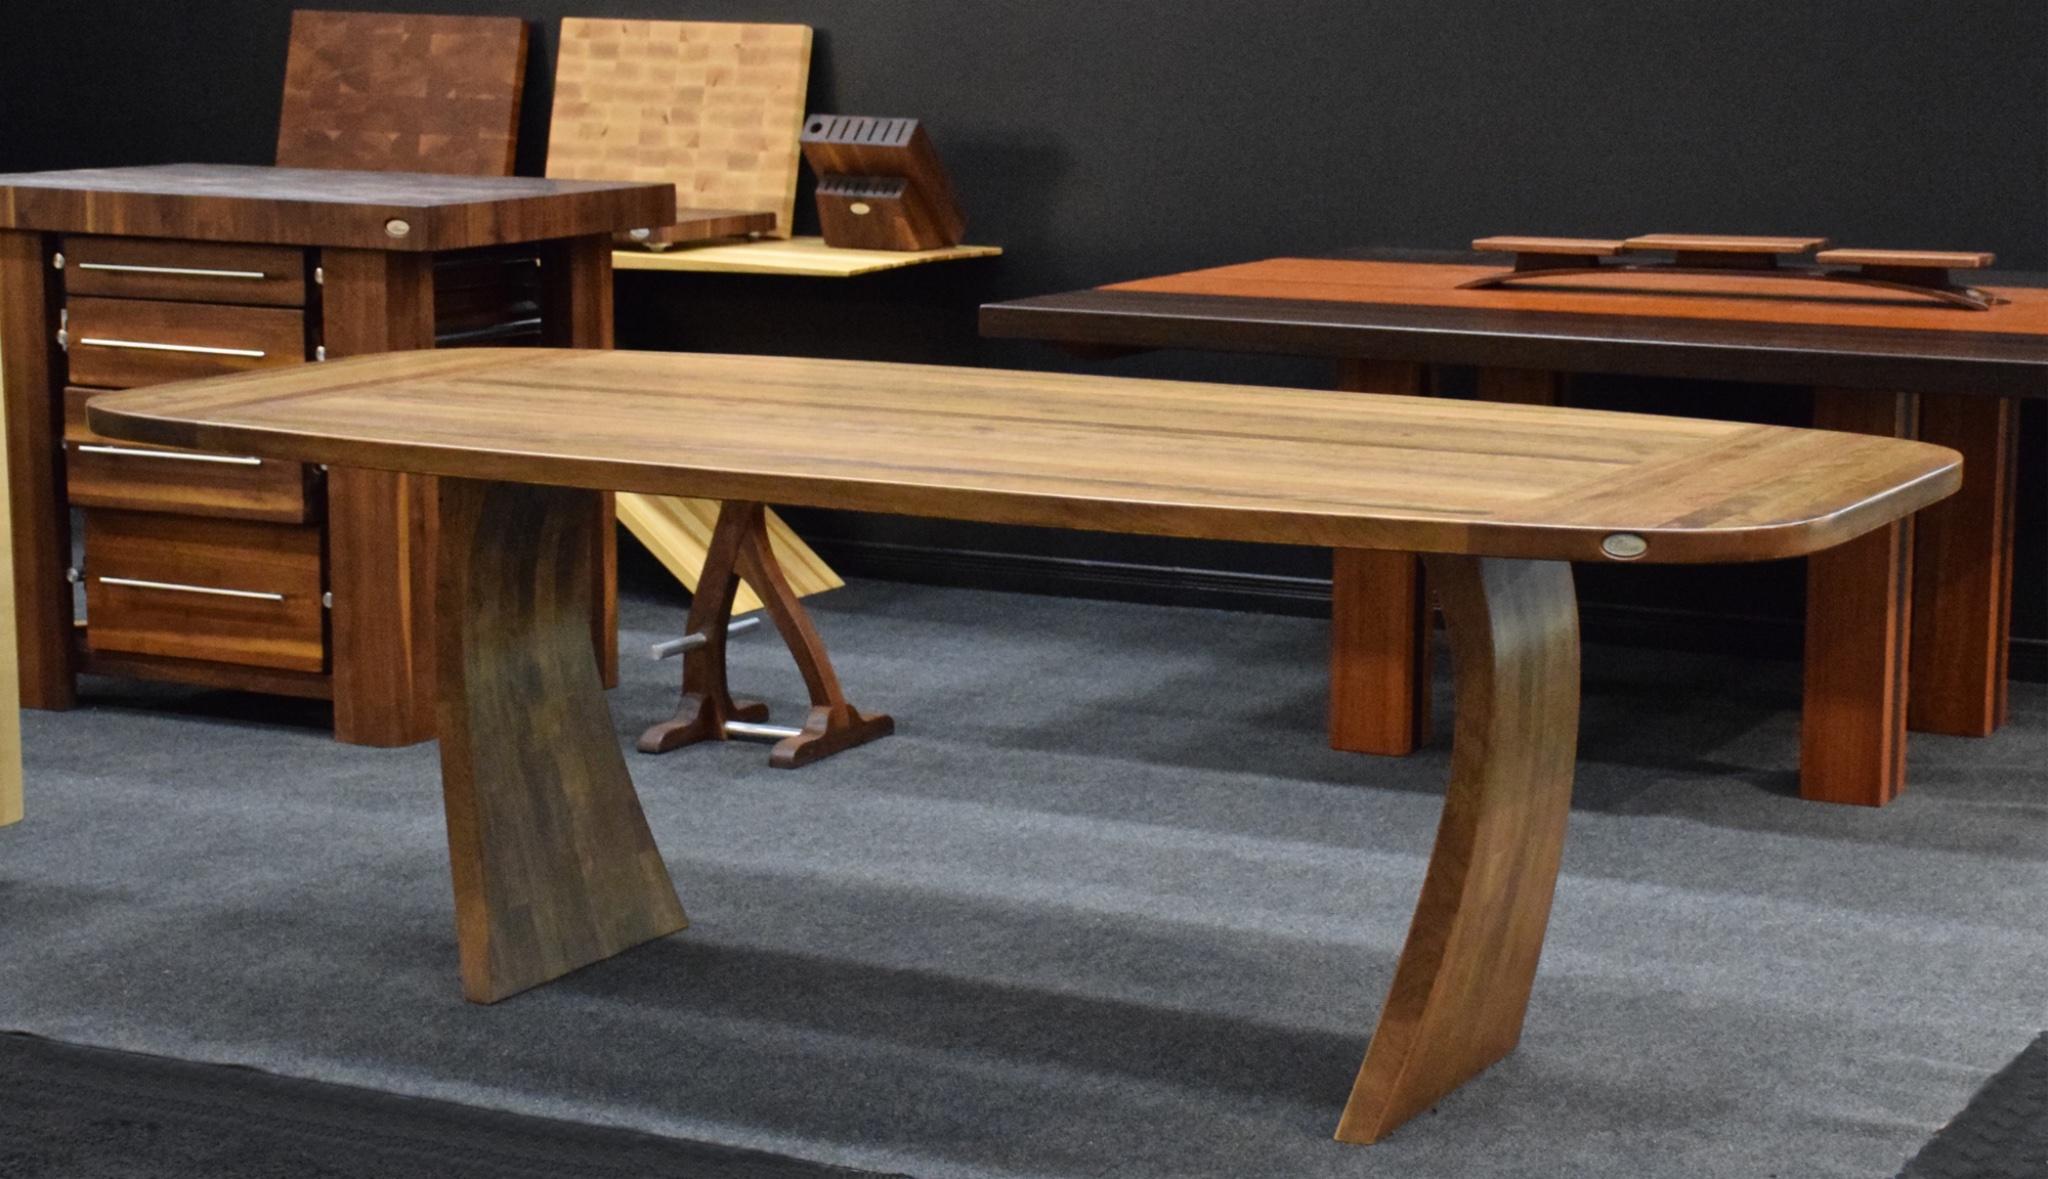 Table de cuisine ronde en bois massif - Table cuisine bois brut ...